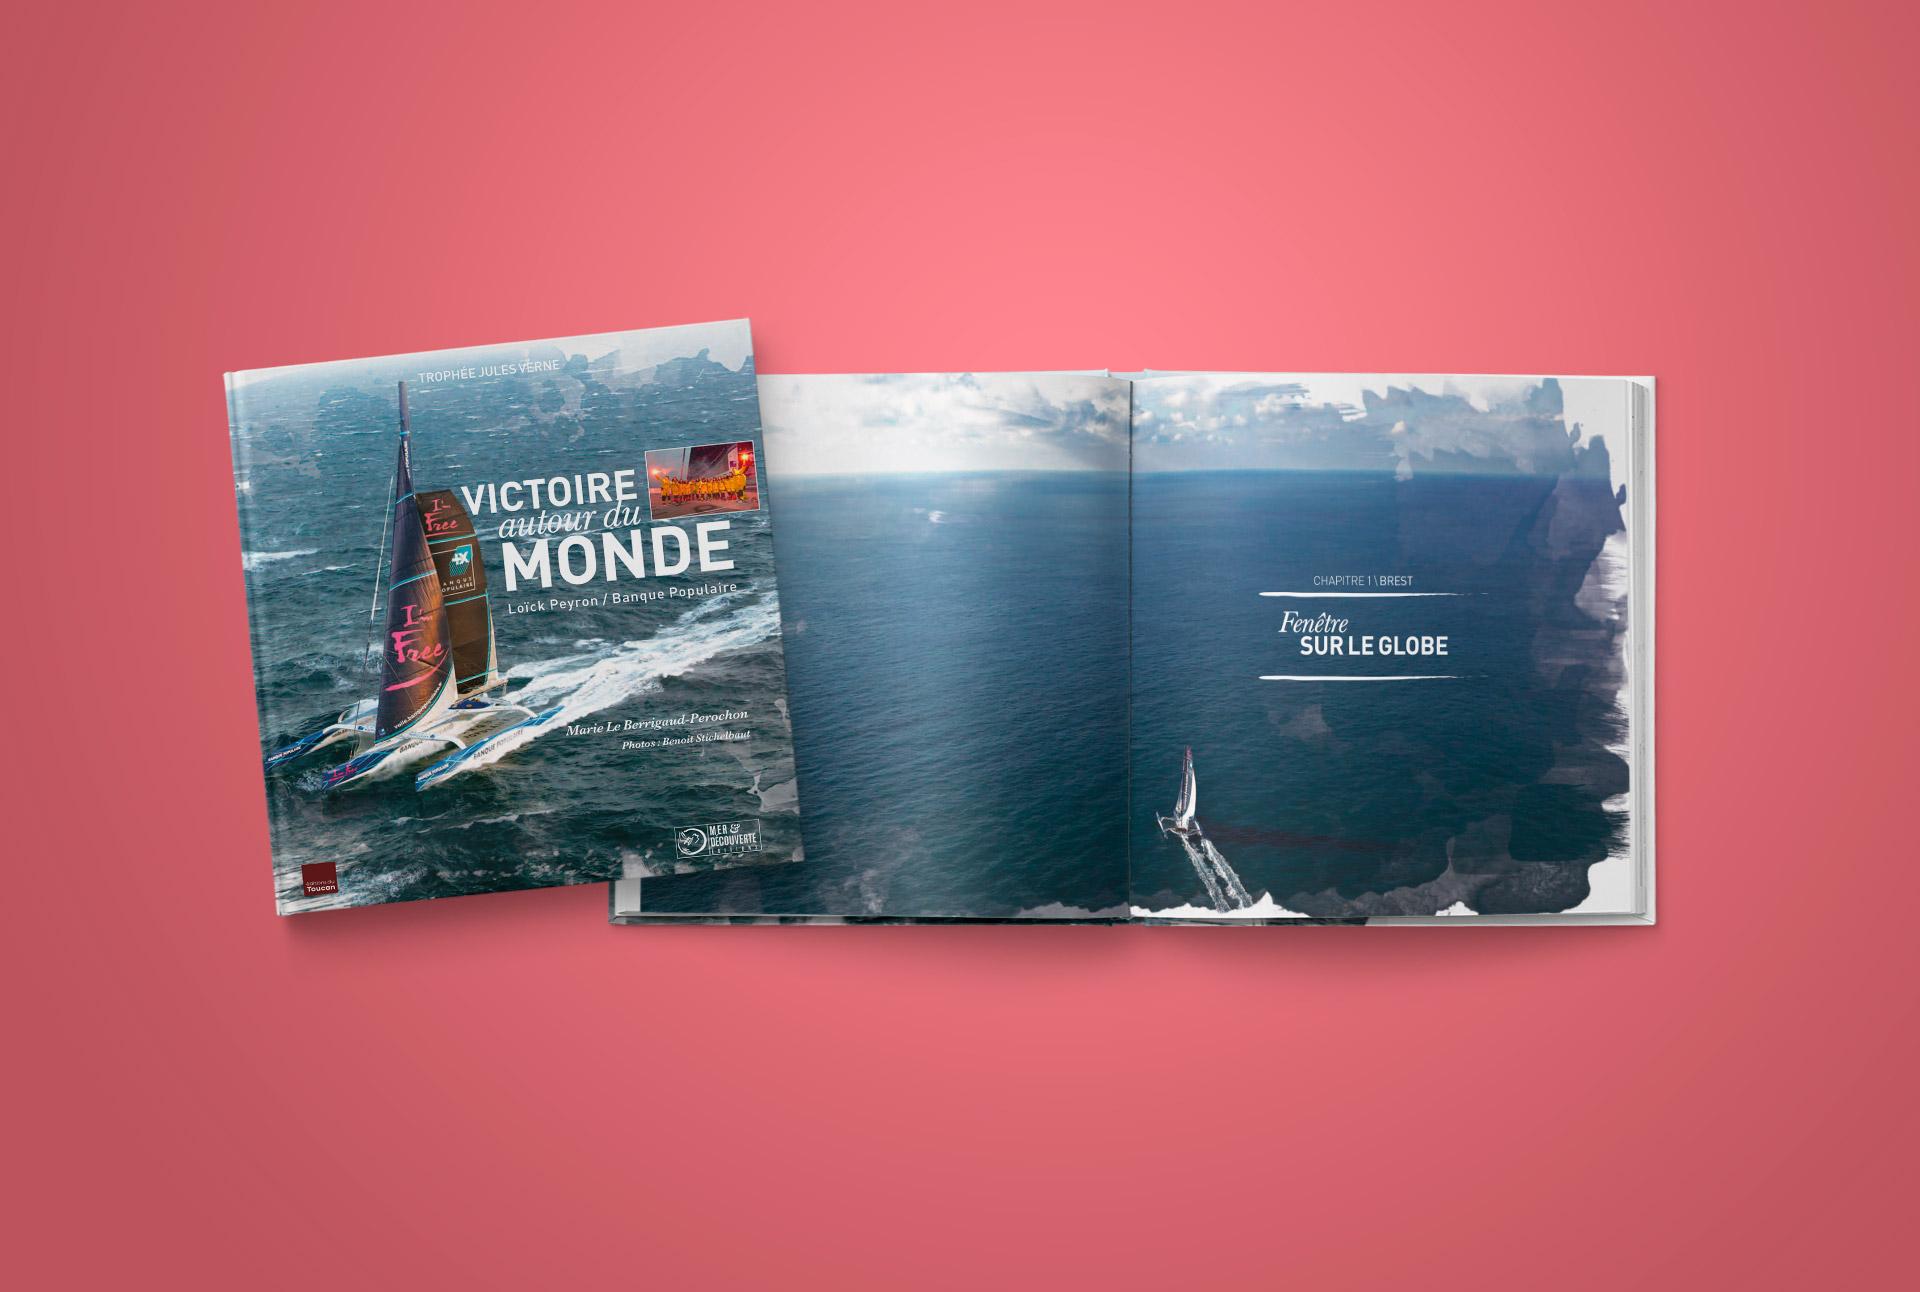 Livre Victoire Autour du Monde-Trimaran Banque Populaire-Loïck Peyron